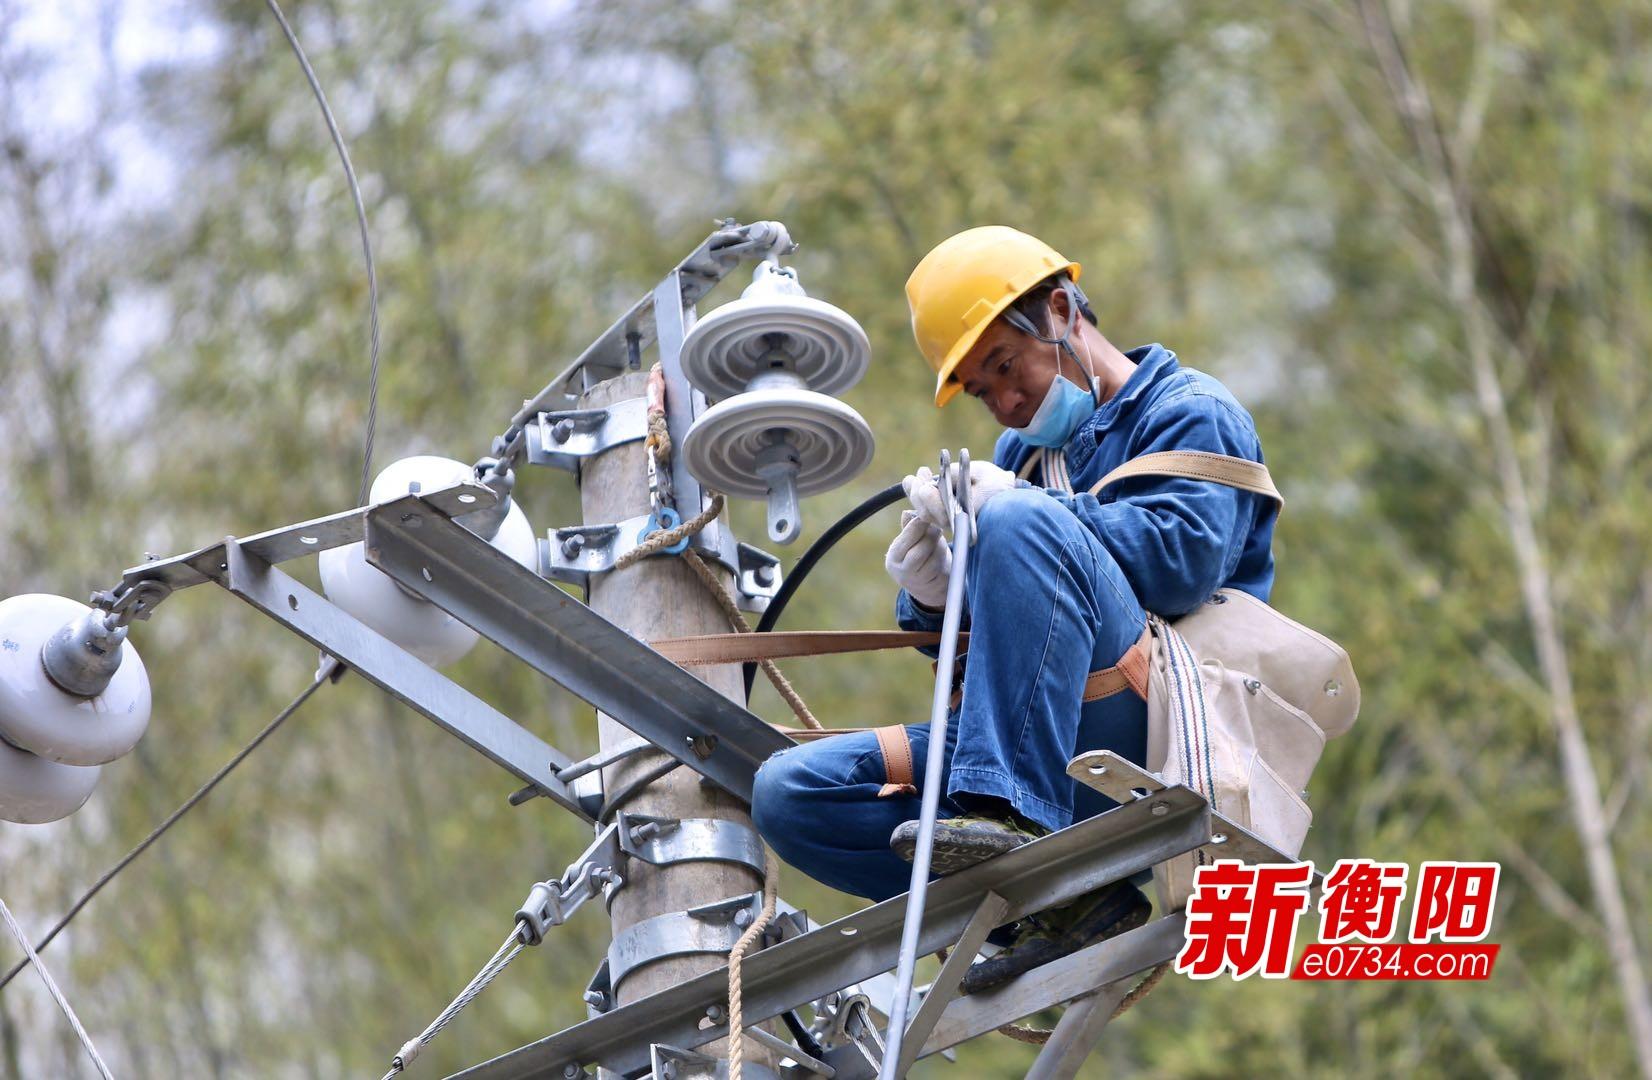 国网衡阳供电公司员工正在对扶贫村农网进行改造升级(摄影:郑贤华).jpg